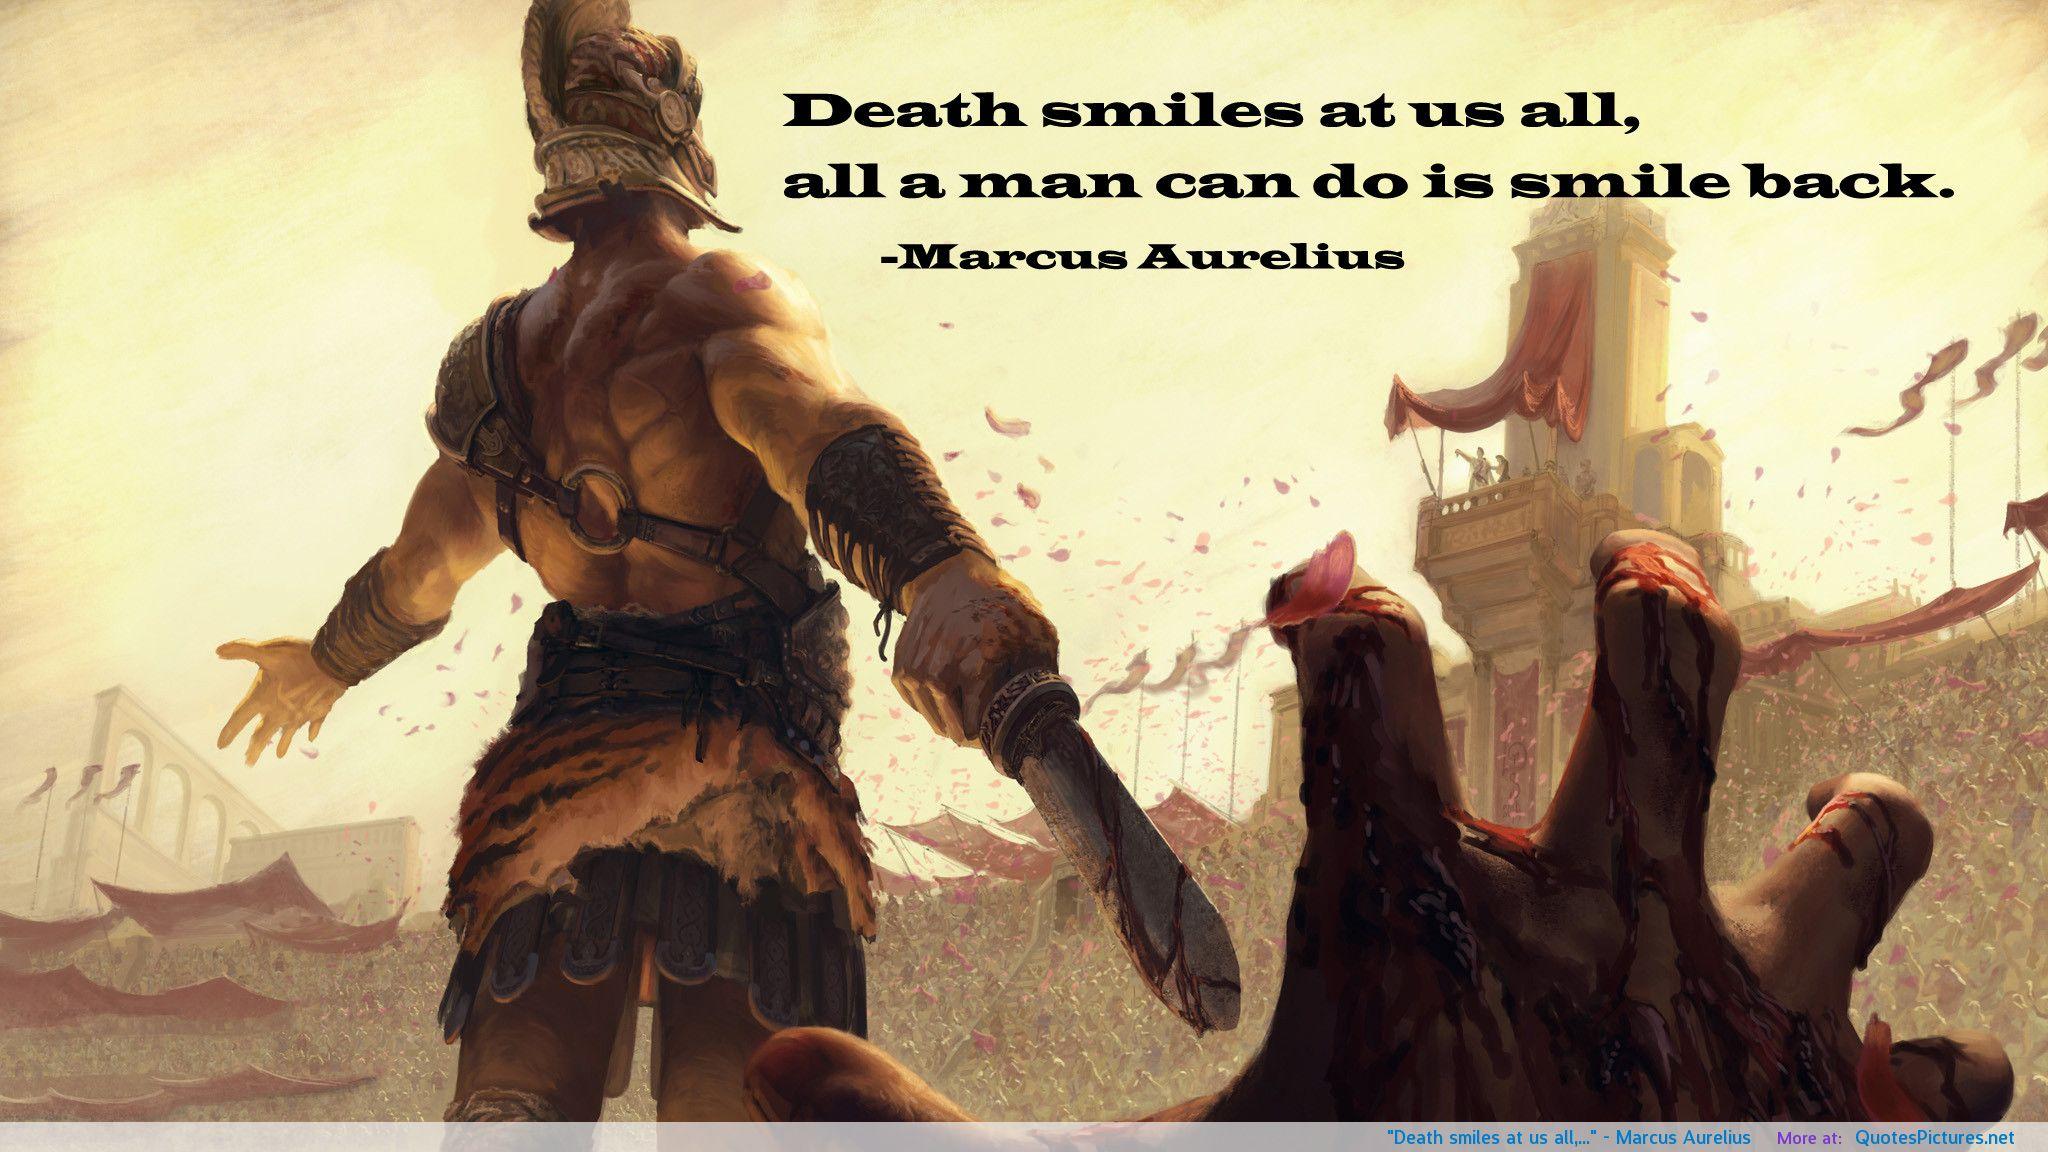 Marcus Aurelius Quotes On Death. QuotesGram